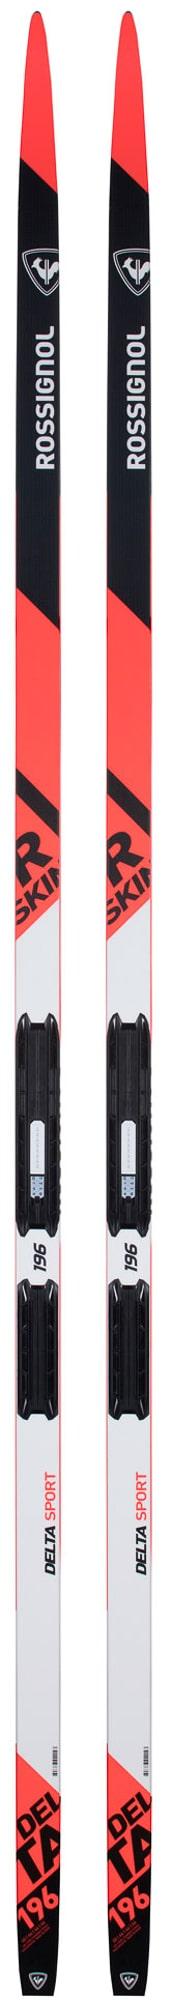 Rhkcw05 Delta Sport R Skin Rgb72dpi 01